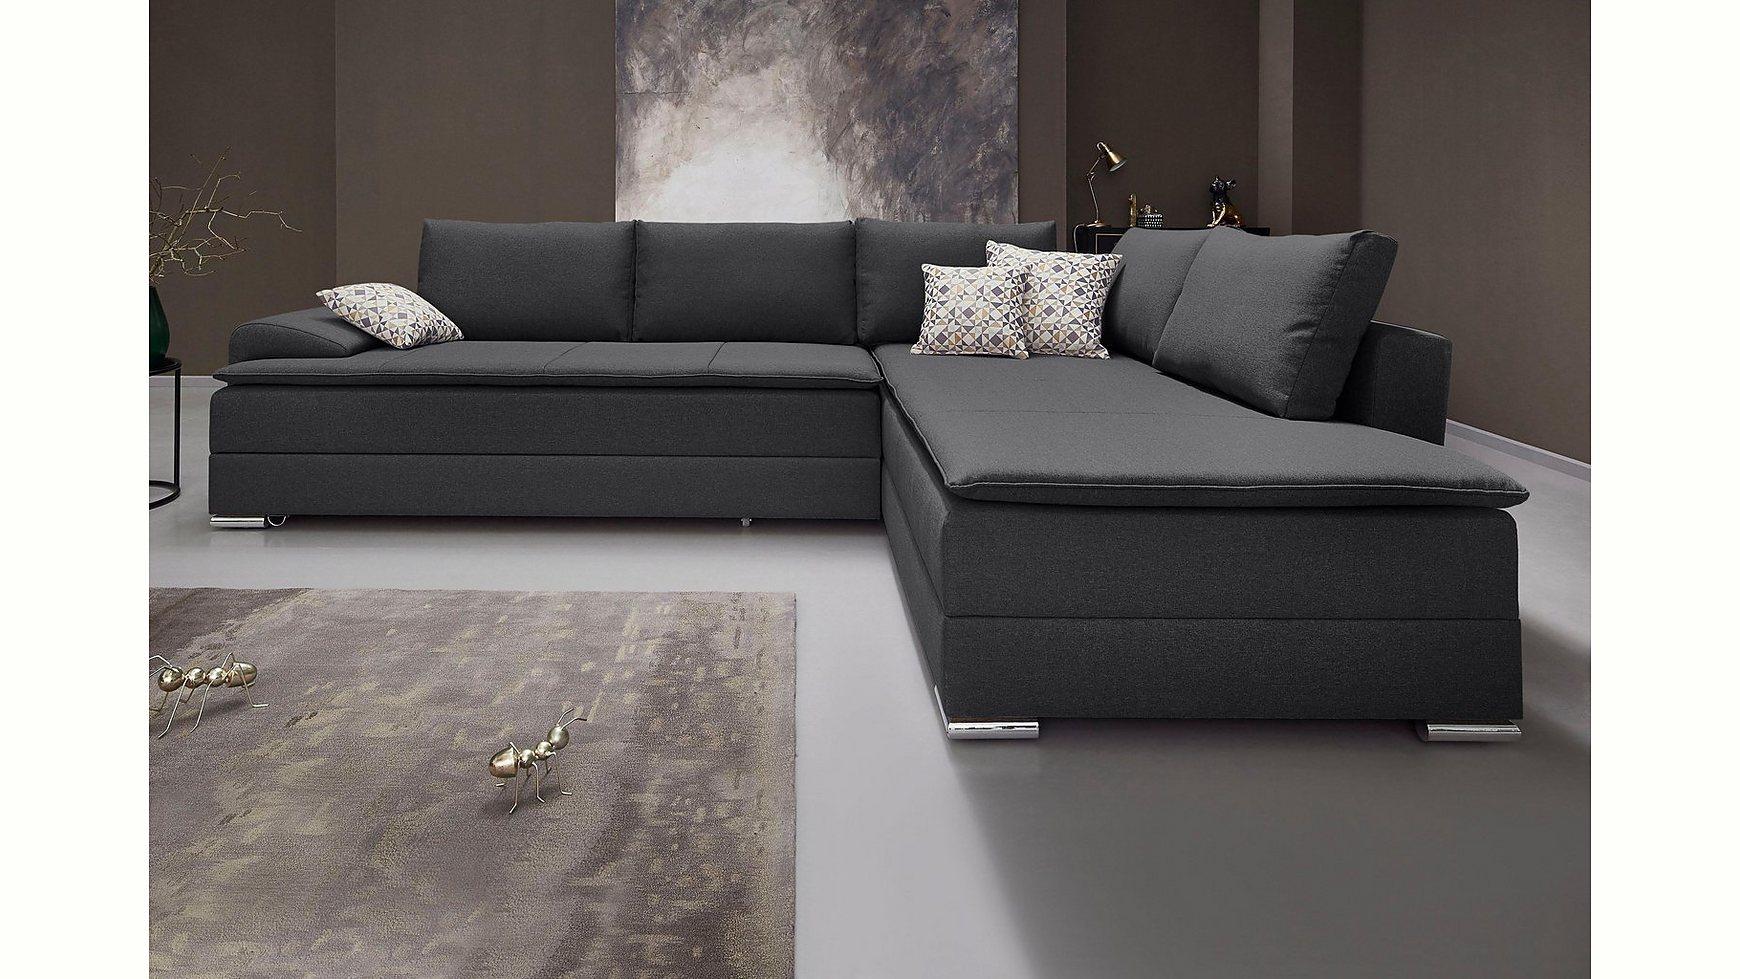 20% auf alles inkl. Sale bei cnouch.de (Sofas etc.), z.B. INOSIGN Polsterecke mit Bettfunktion 180cm für 575,28€ statt 799€ (UVP 1799!)